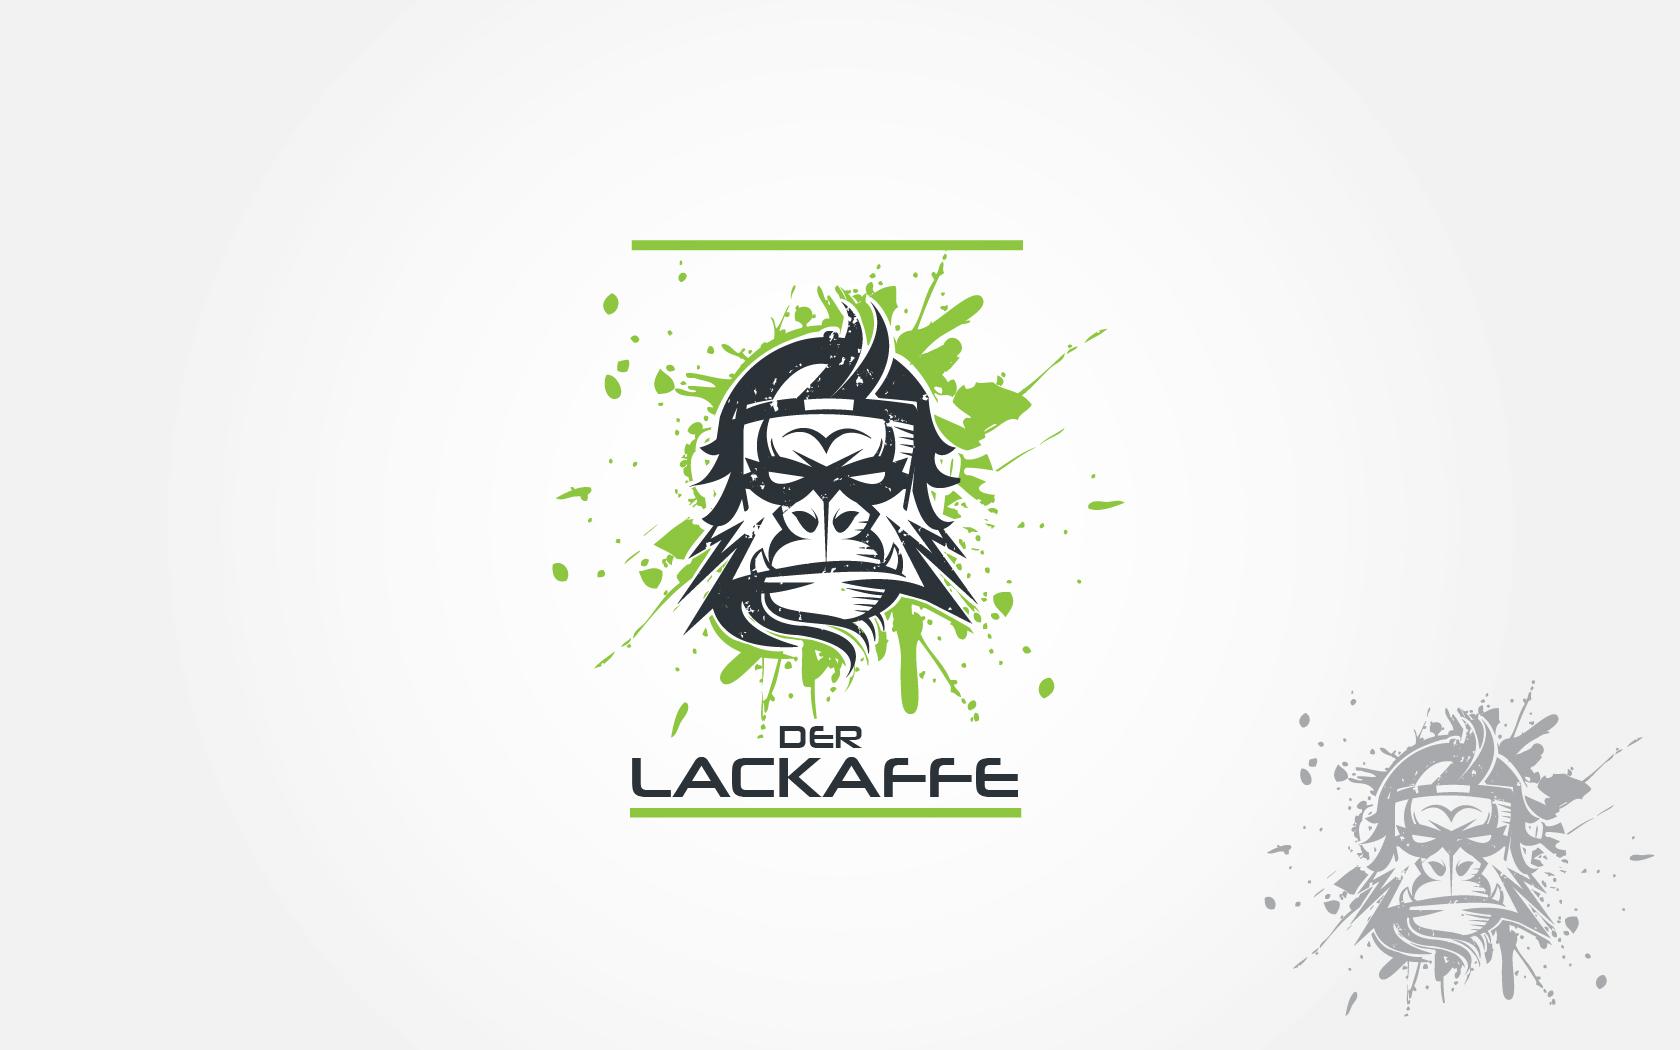 Der Lackaffe